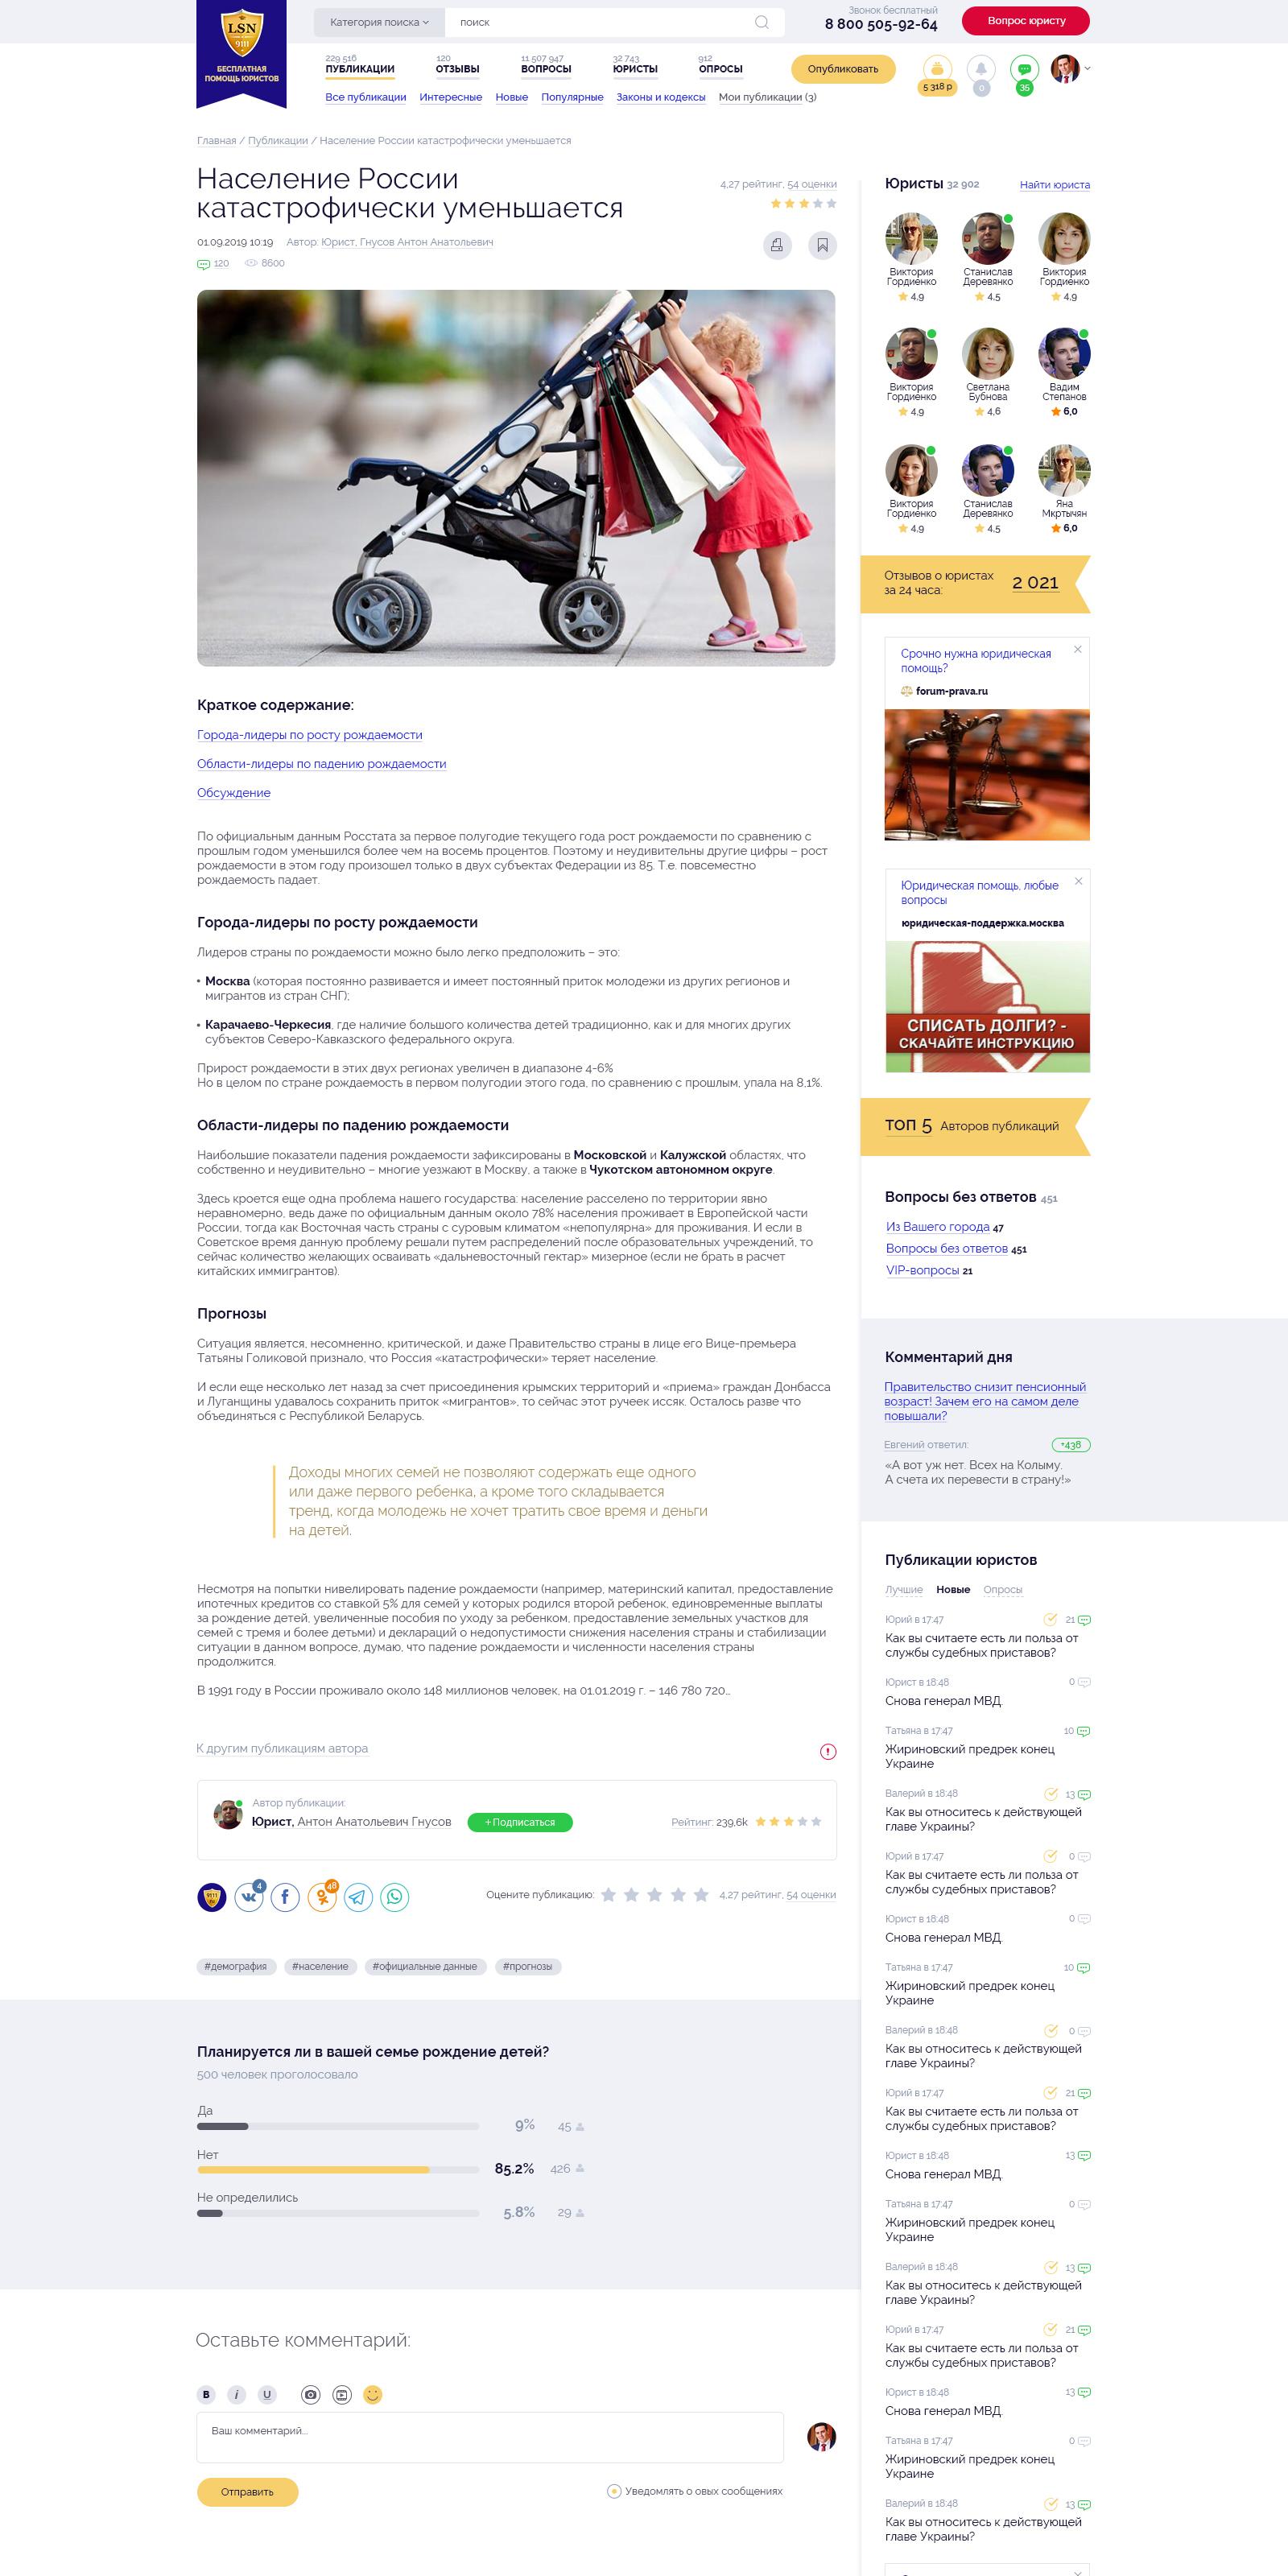 Редизайн страницы портала